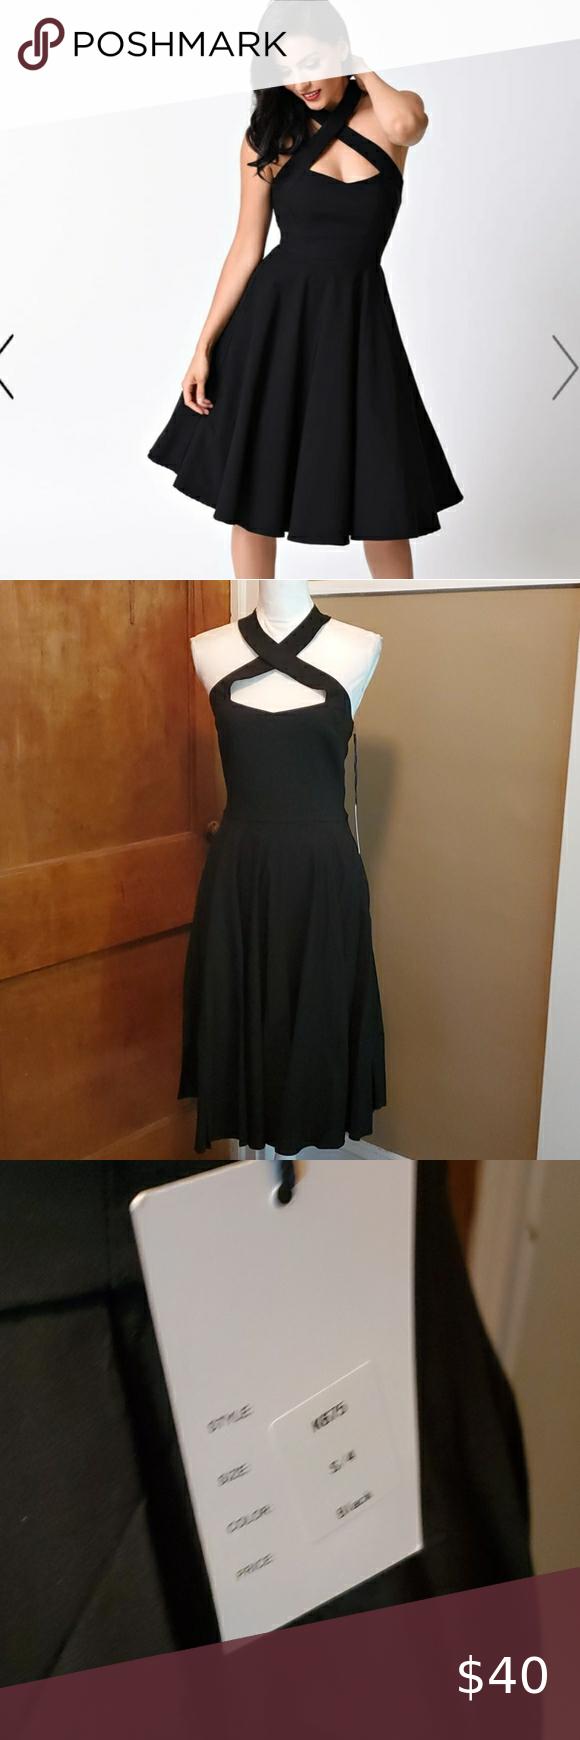 Unique Vintage Black Bengaline Rita Swing Dress Unique Vintage Dresses Dresses Swing Dress [ 1740 x 580 Pixel ]